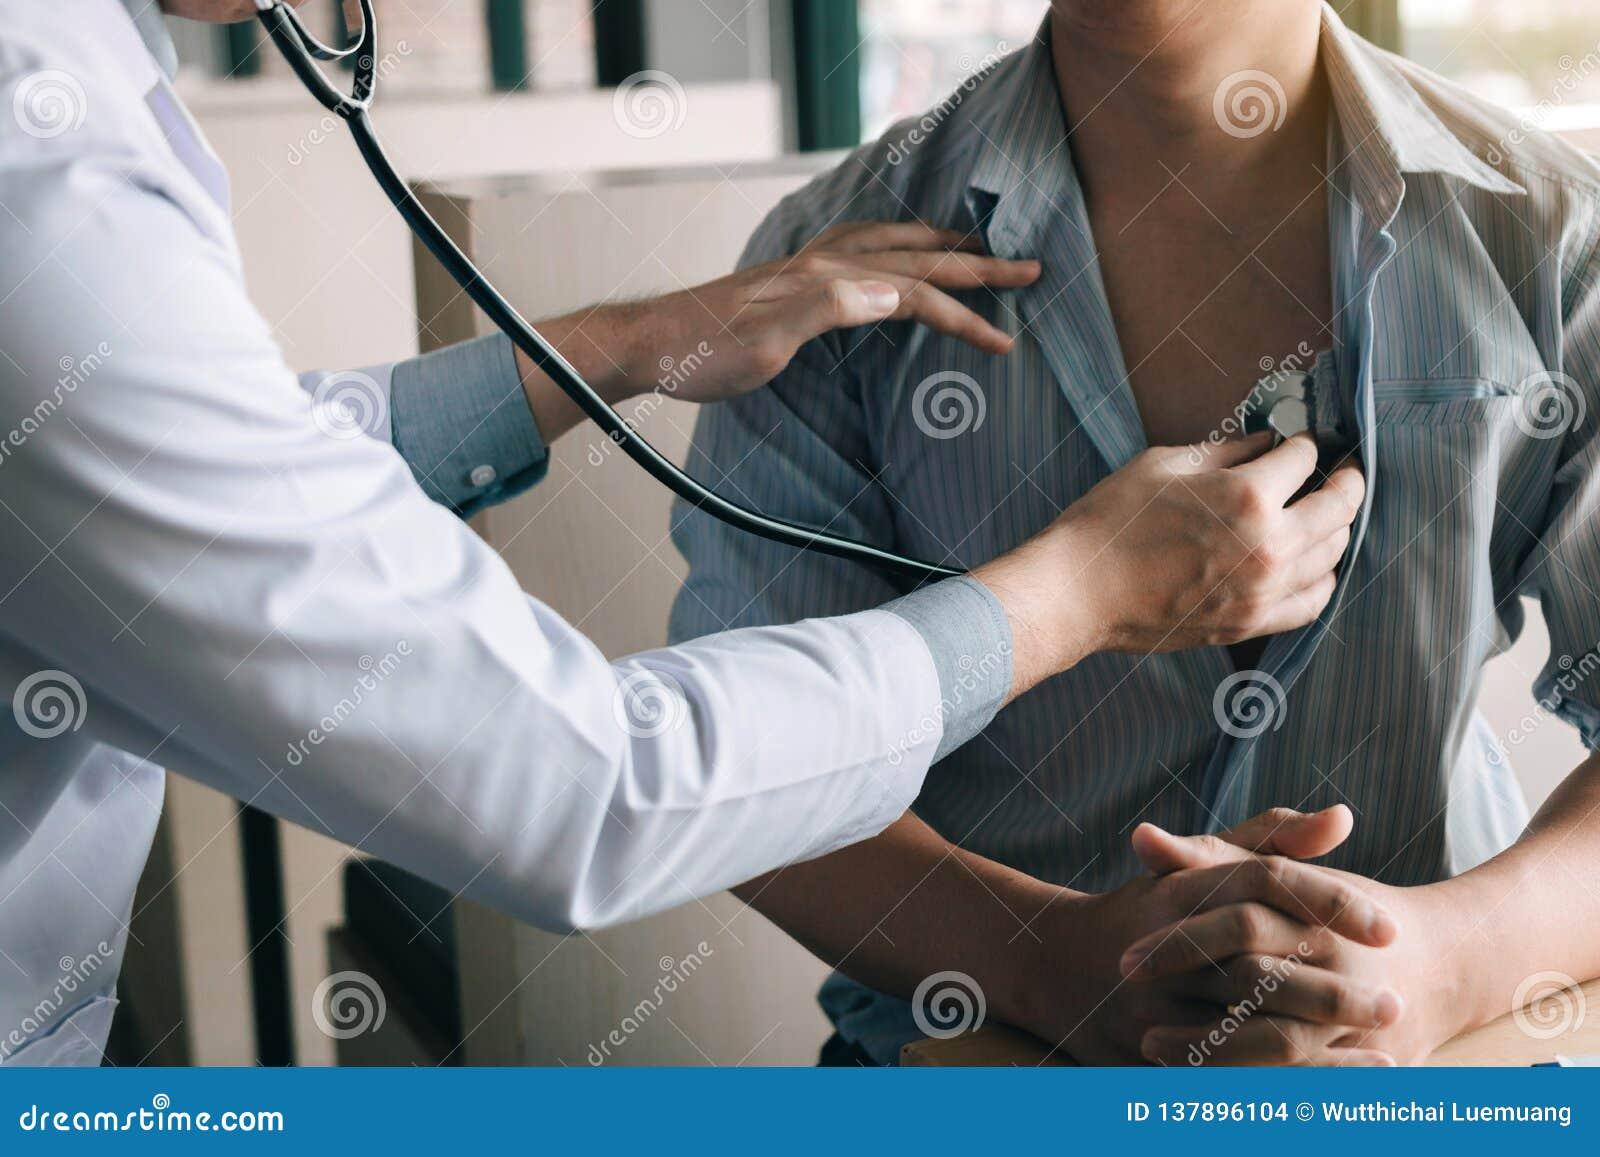 El doctor asiático está utilizando un estetoscopio para escuchar el latido del corazón del paciente mayor